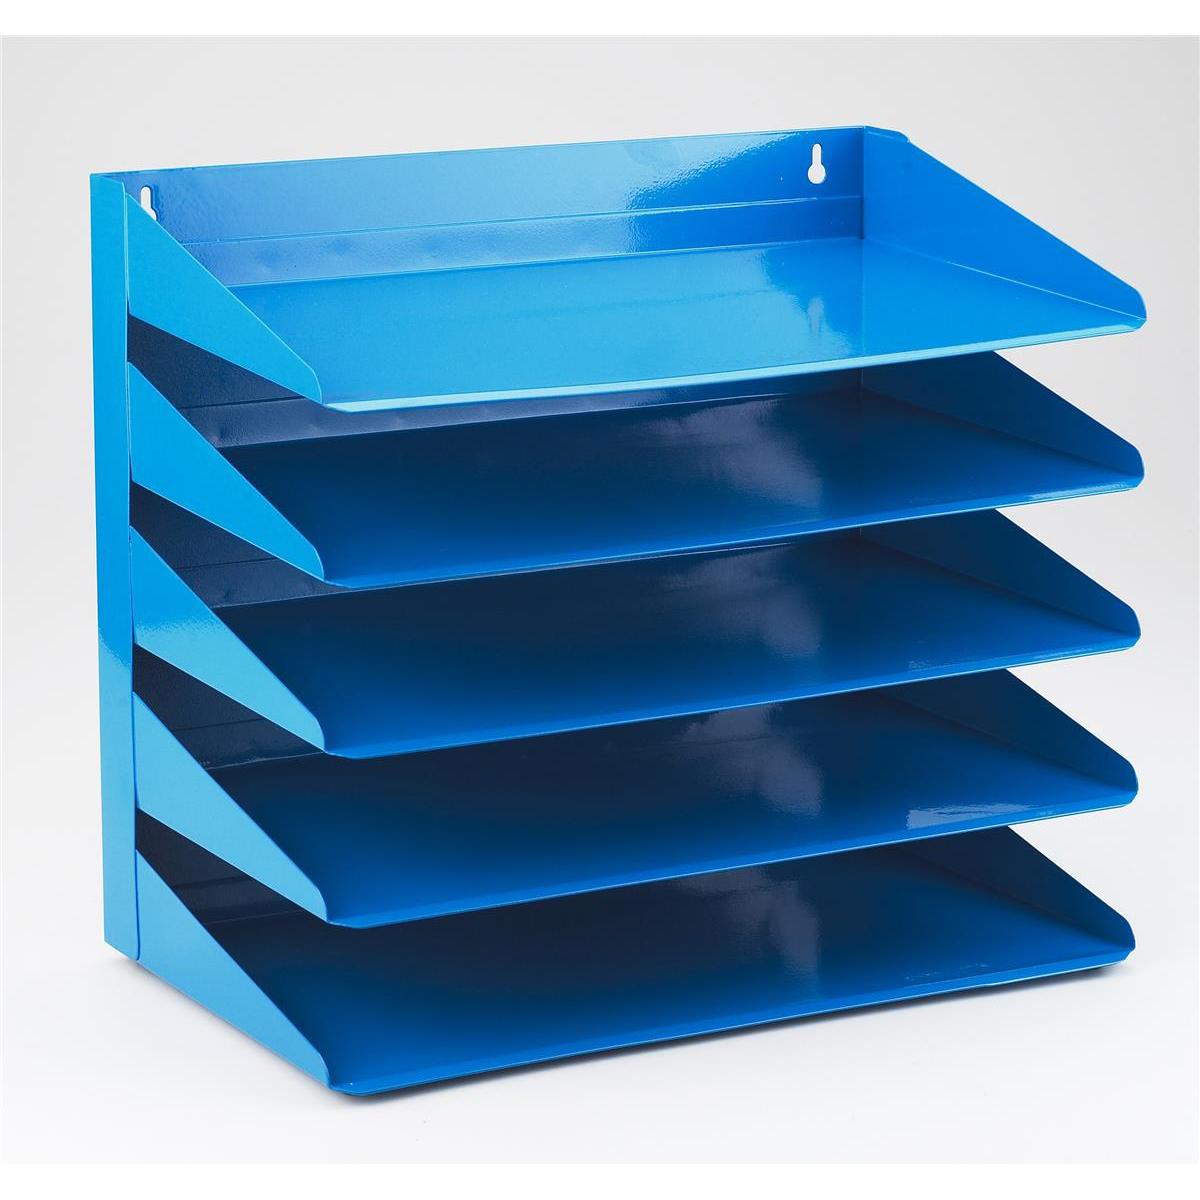 Avery Letter Rack 5-Tier Steel W380xD230xH335mm Blue Ref 605SBLUE